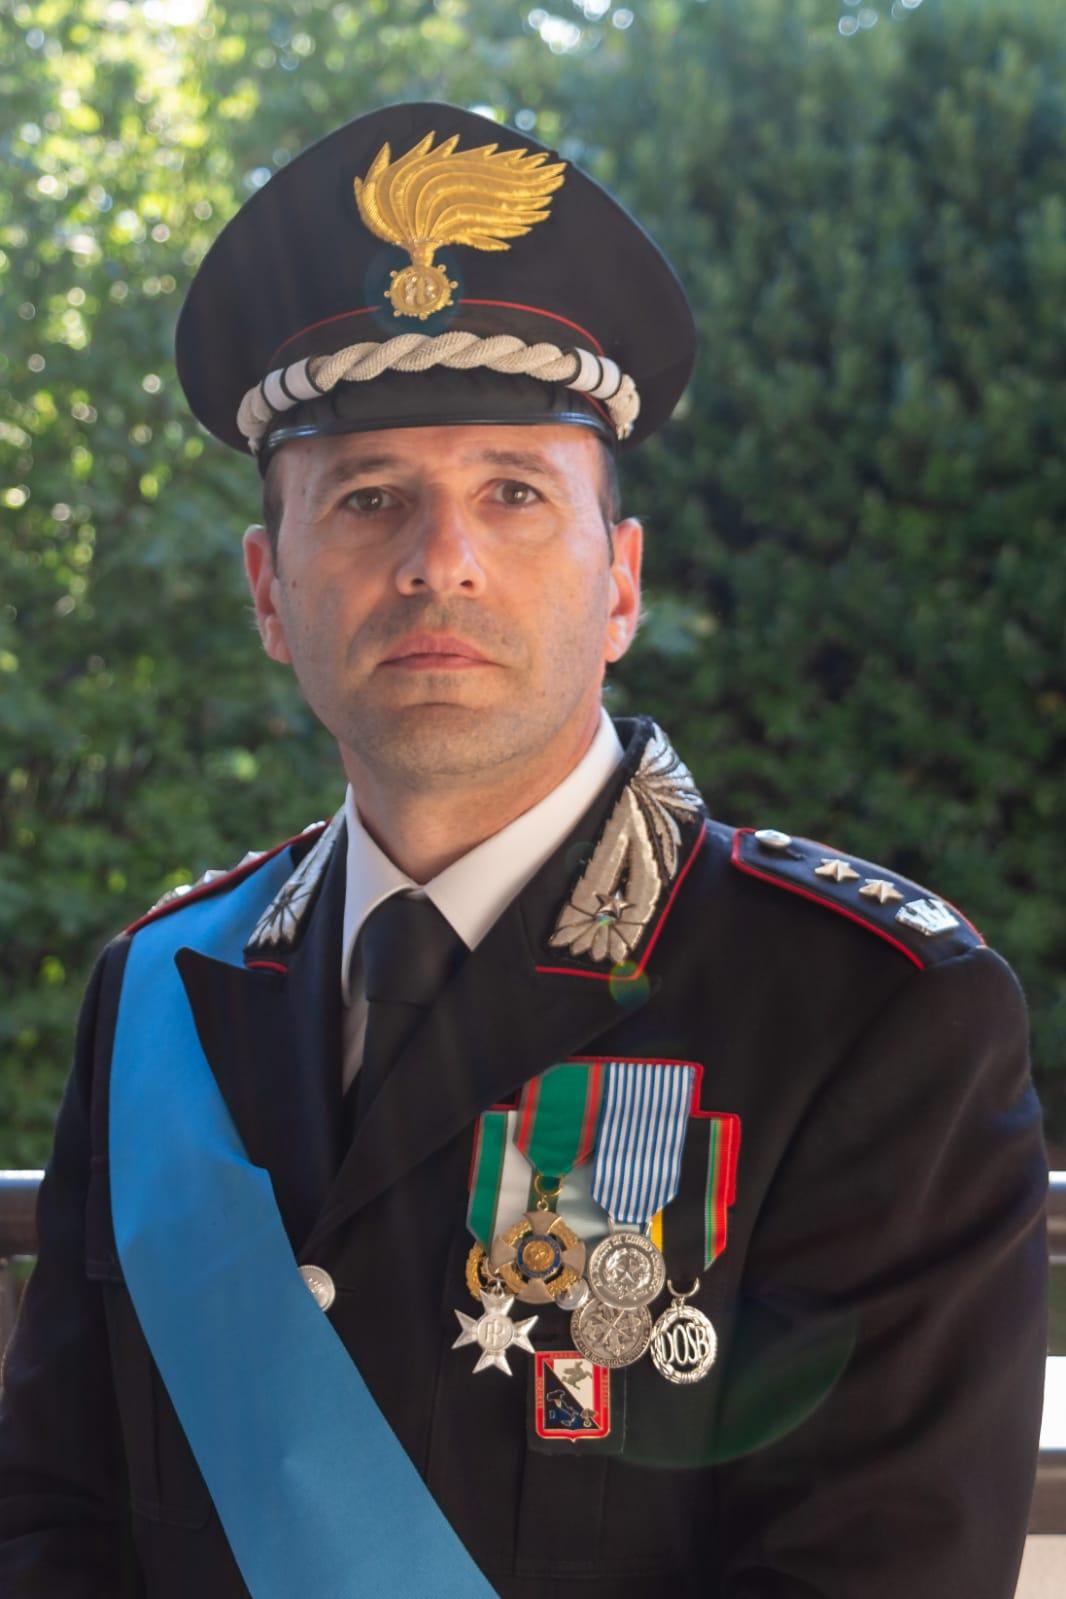 Promosso il comandante del Nucleo Investigativo dei Carabinieri di Pistoia